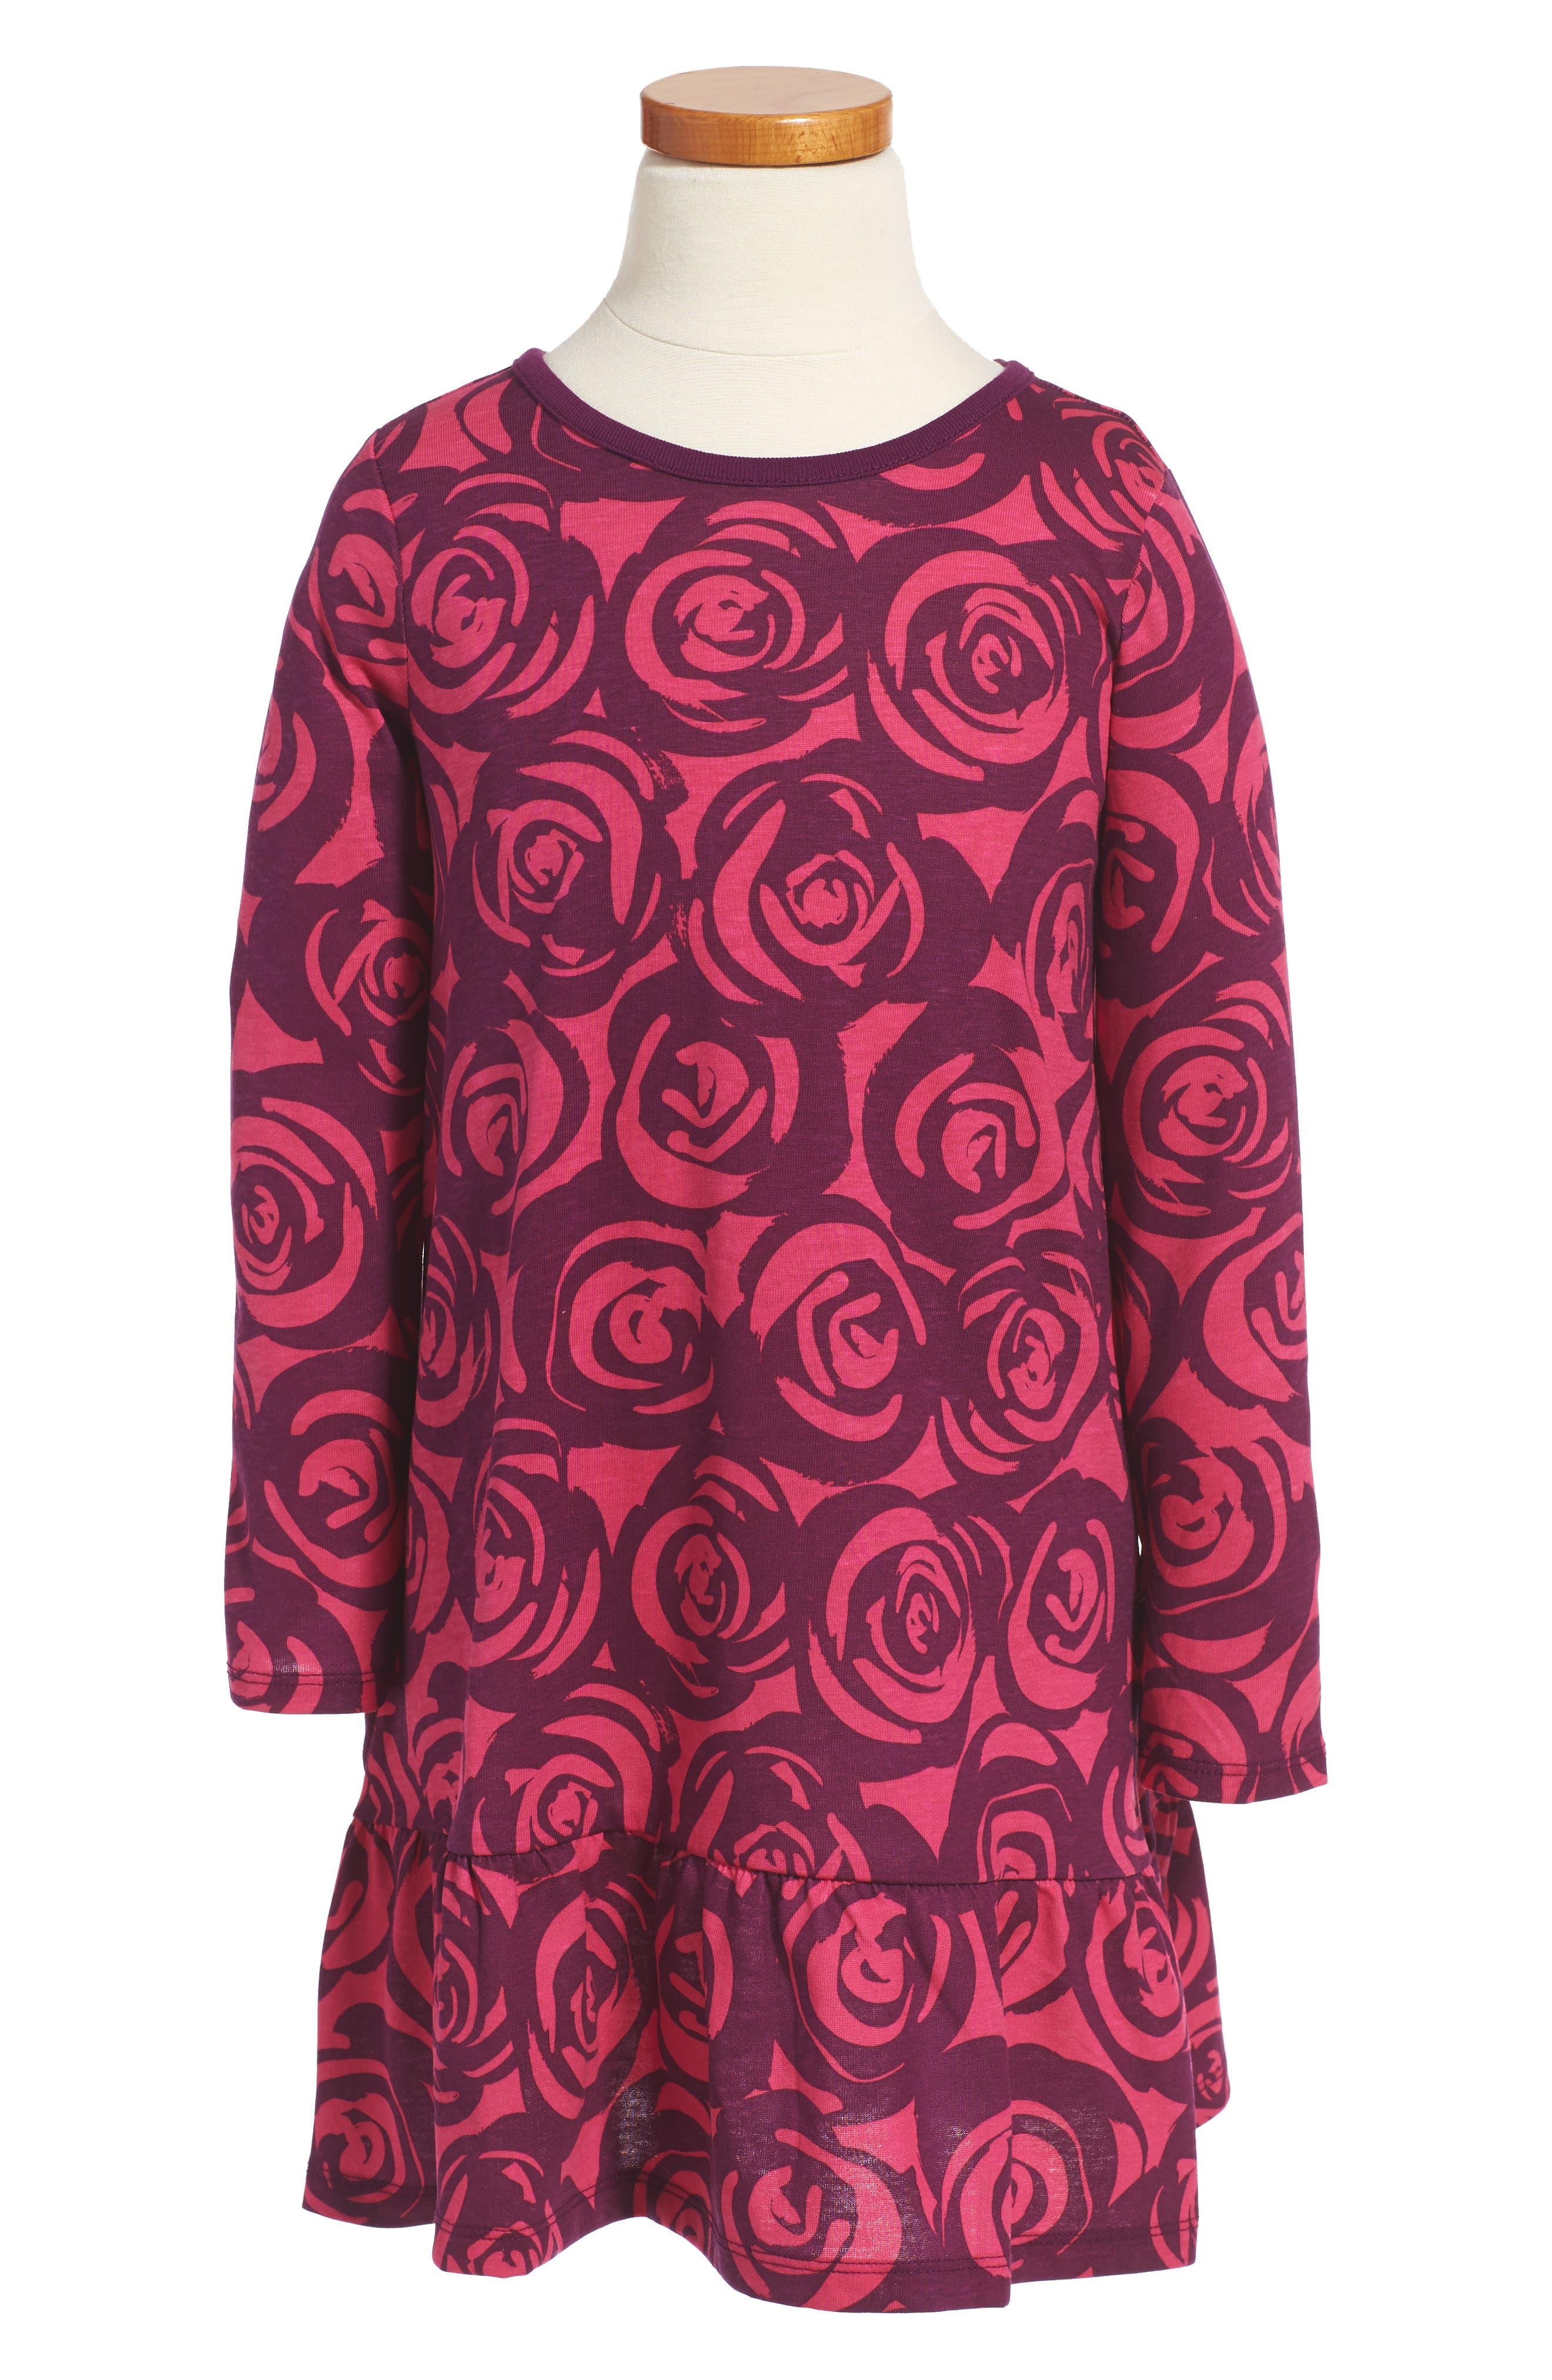 Rennie Rose Ruffle Dress,                             Main thumbnail 1, color,                             651